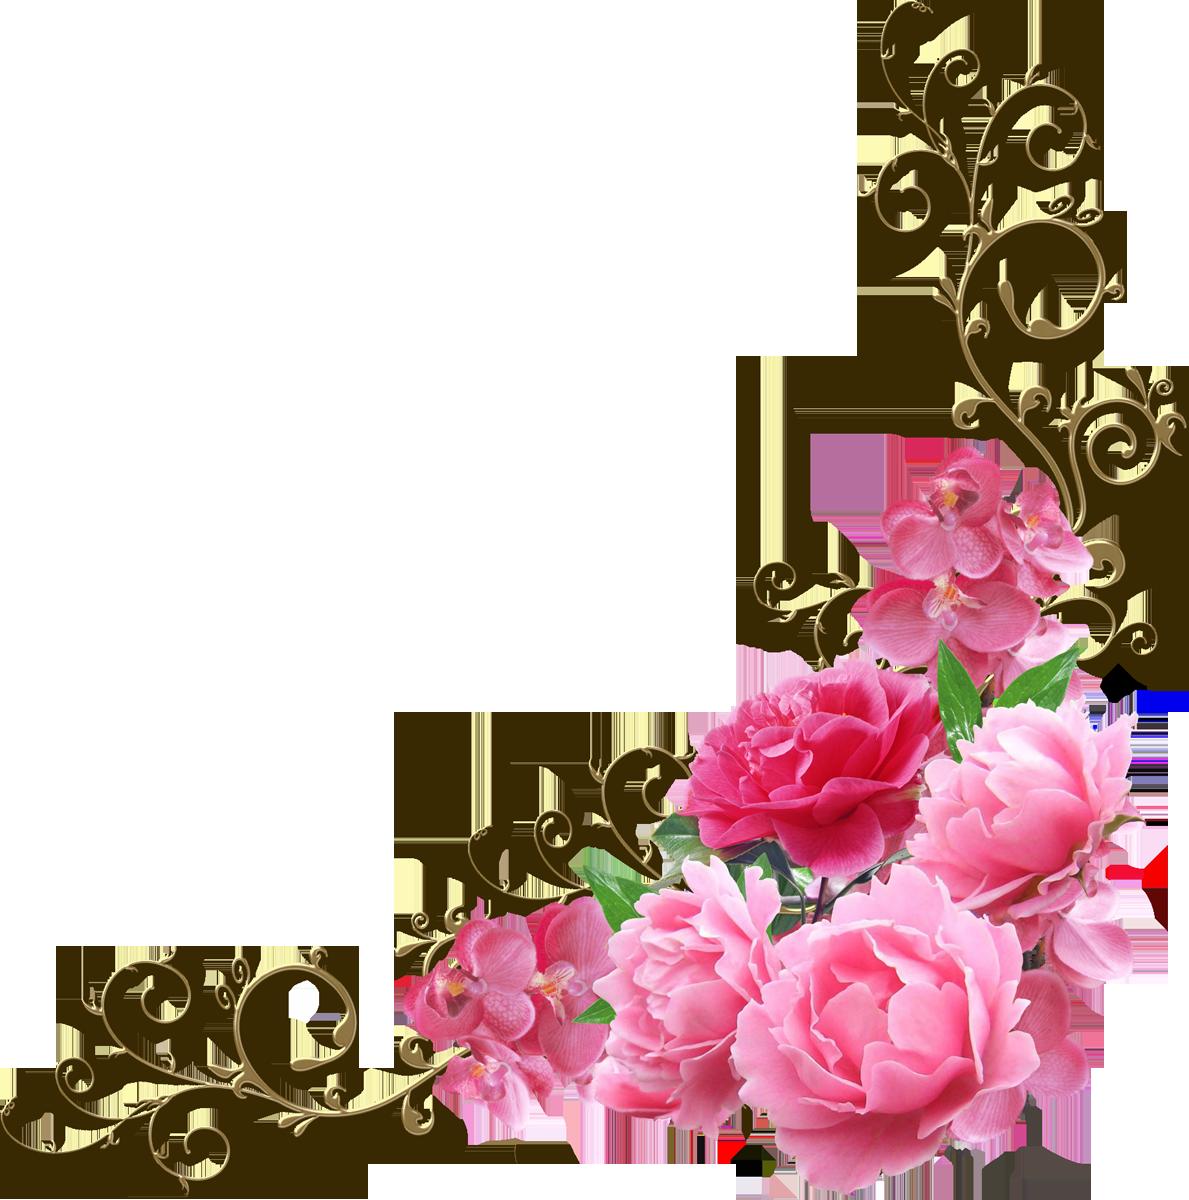 звезда, рамки и цветы в открытки уголки панорама уместна